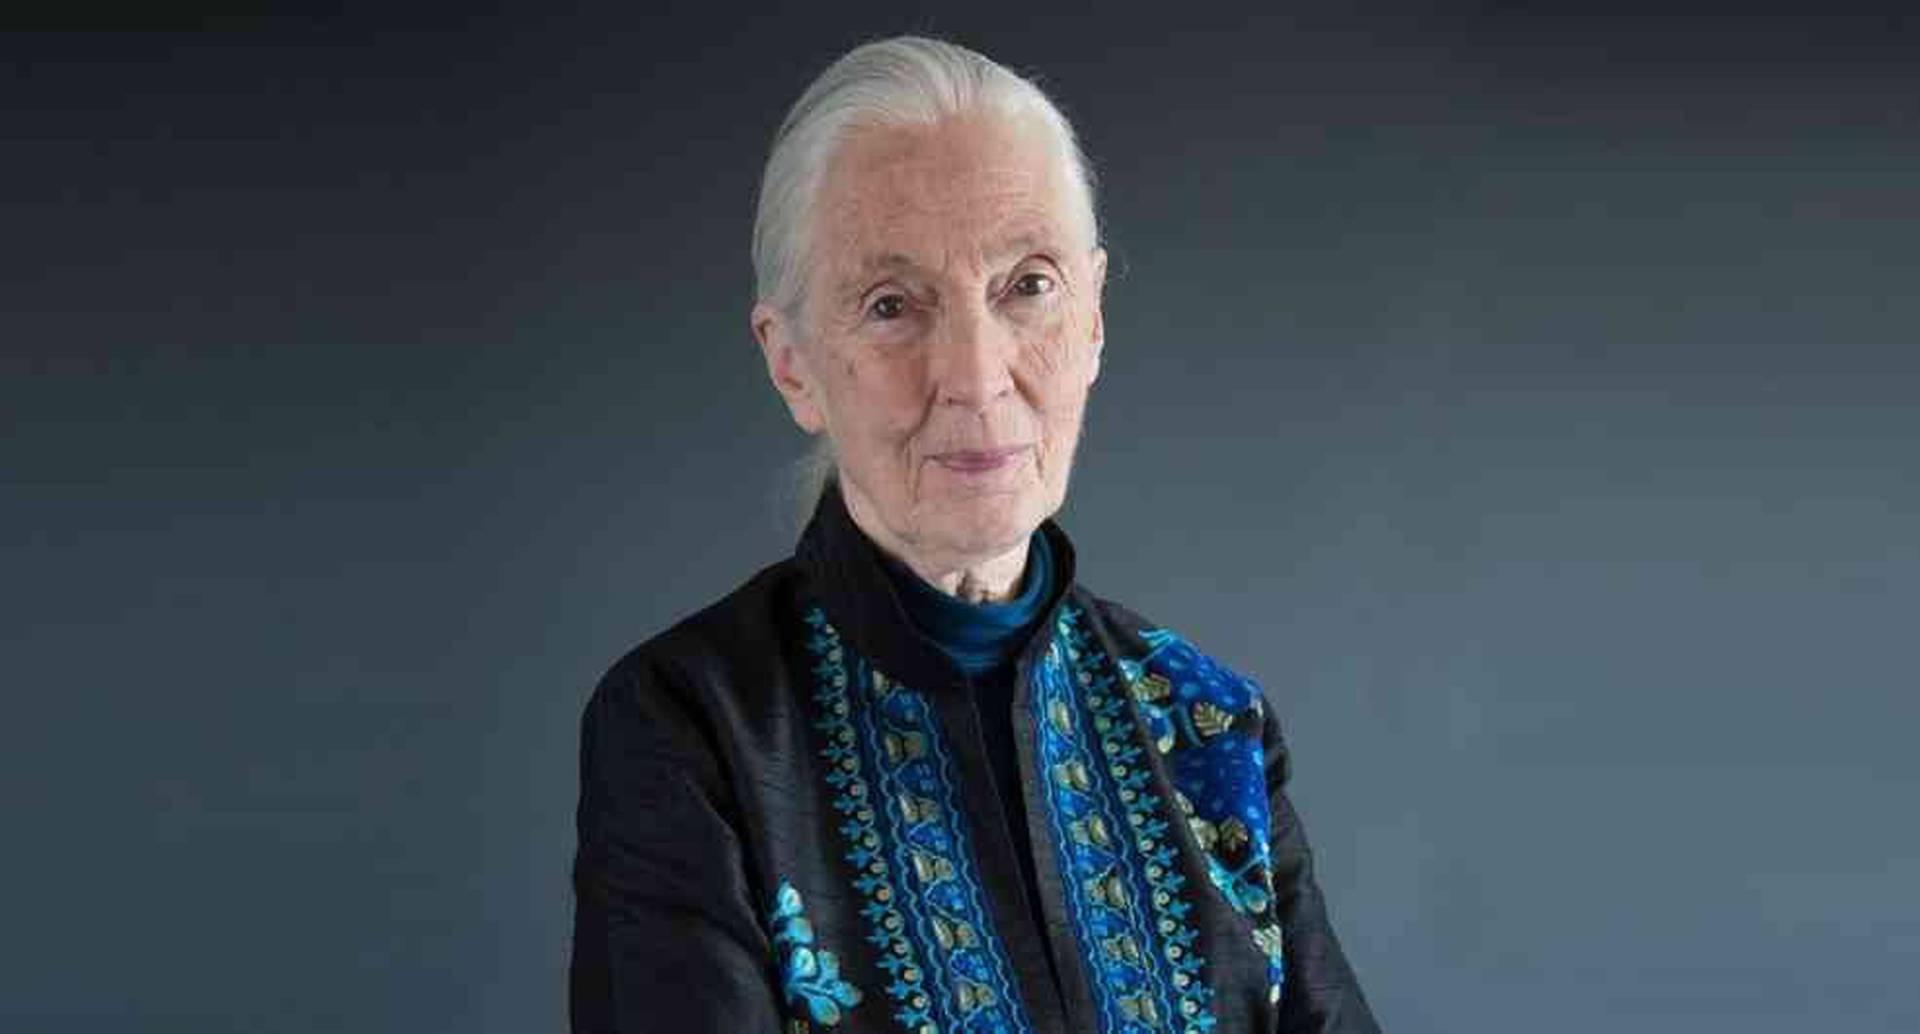 La doctora Jane Goodall envió un mensaje de esperanza a la humanidad en medio del confinamiento por la covid-19